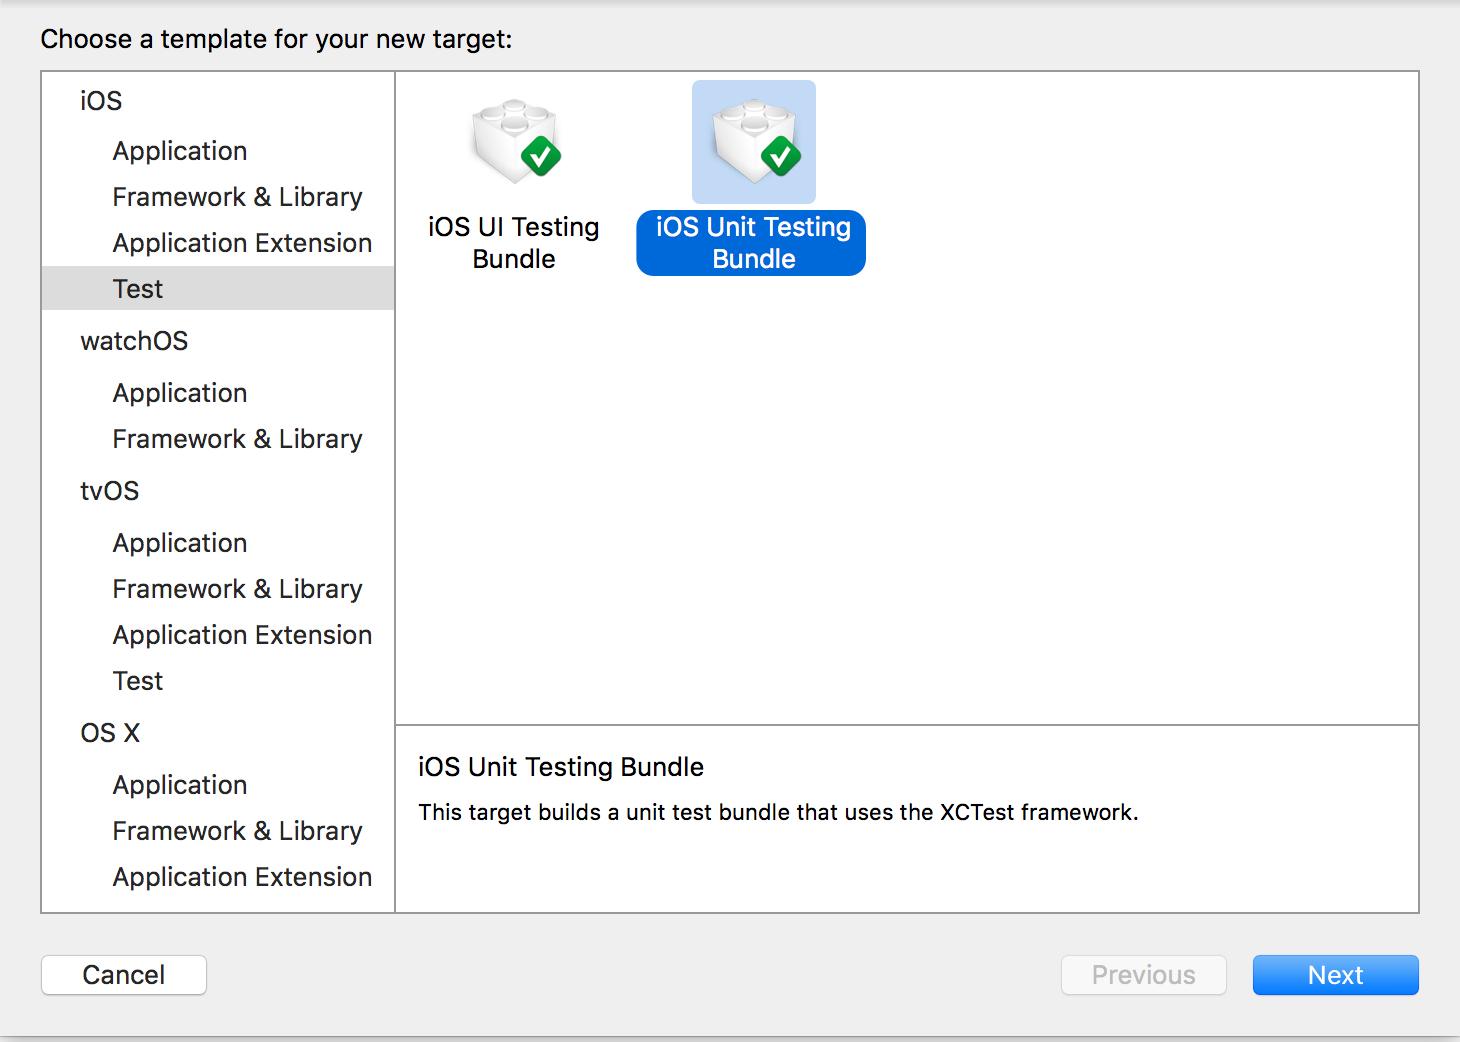 iOS Unit Testing Bundle